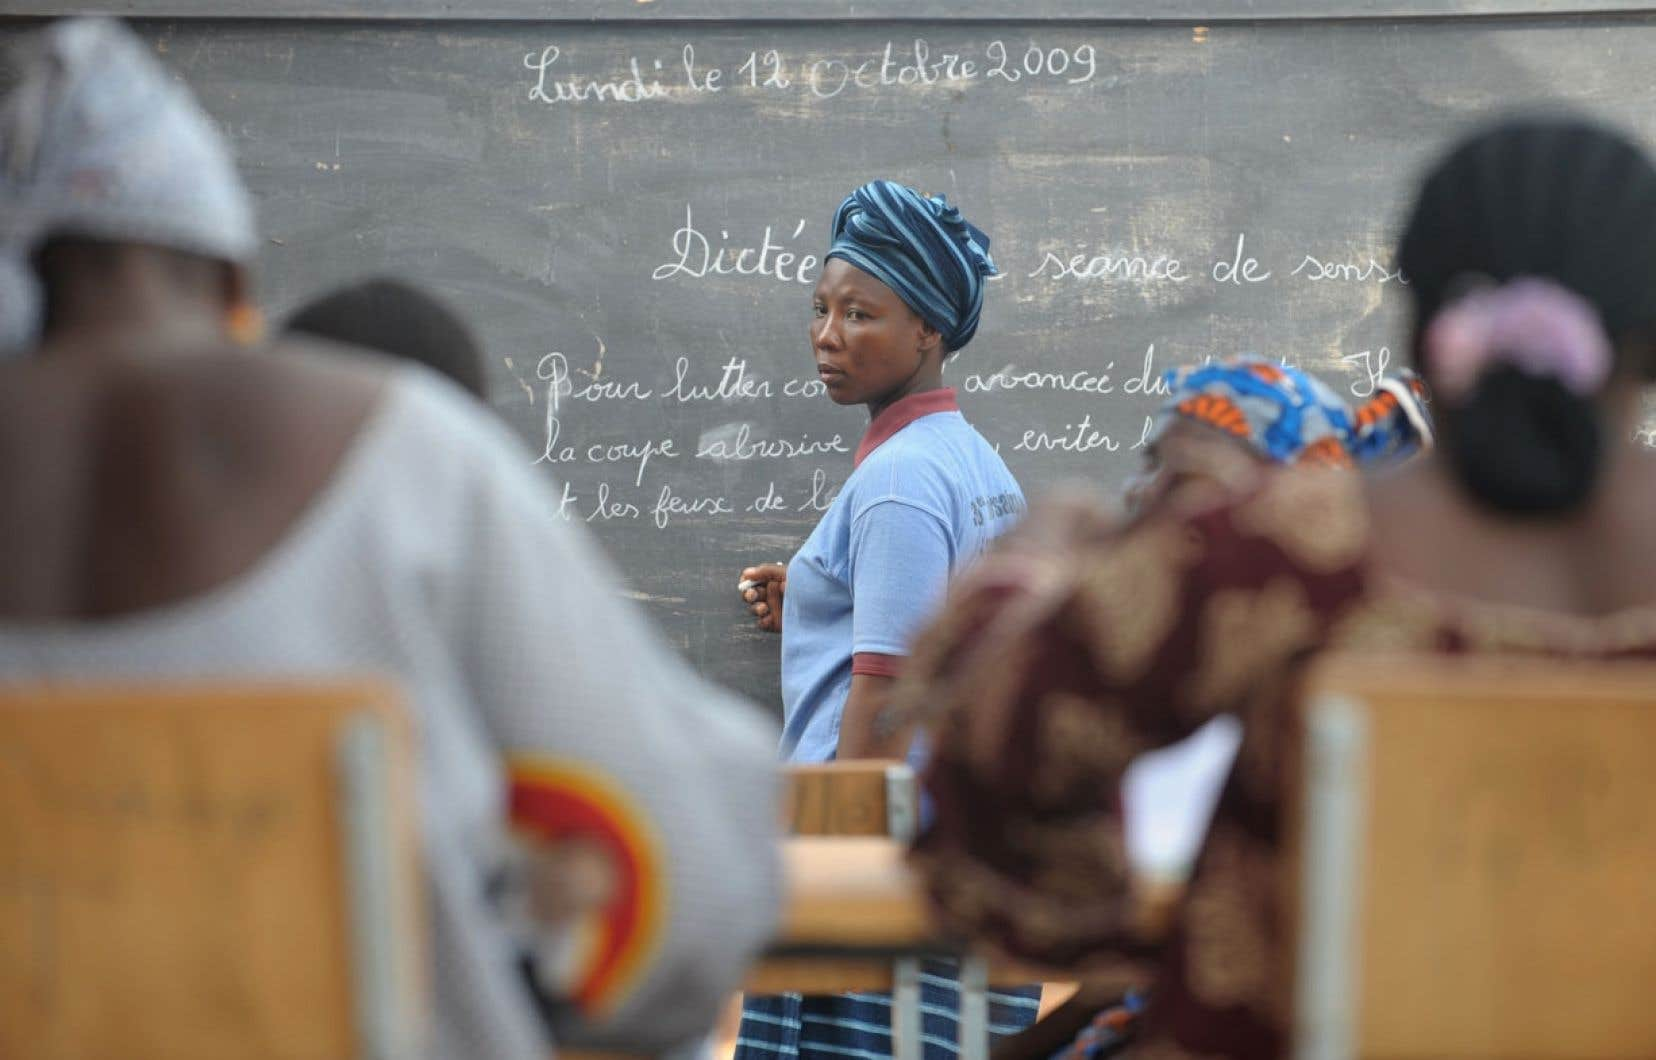 Les organismes du Burkina Faso travaillent sur les interprétations misogynes des textes religieux.